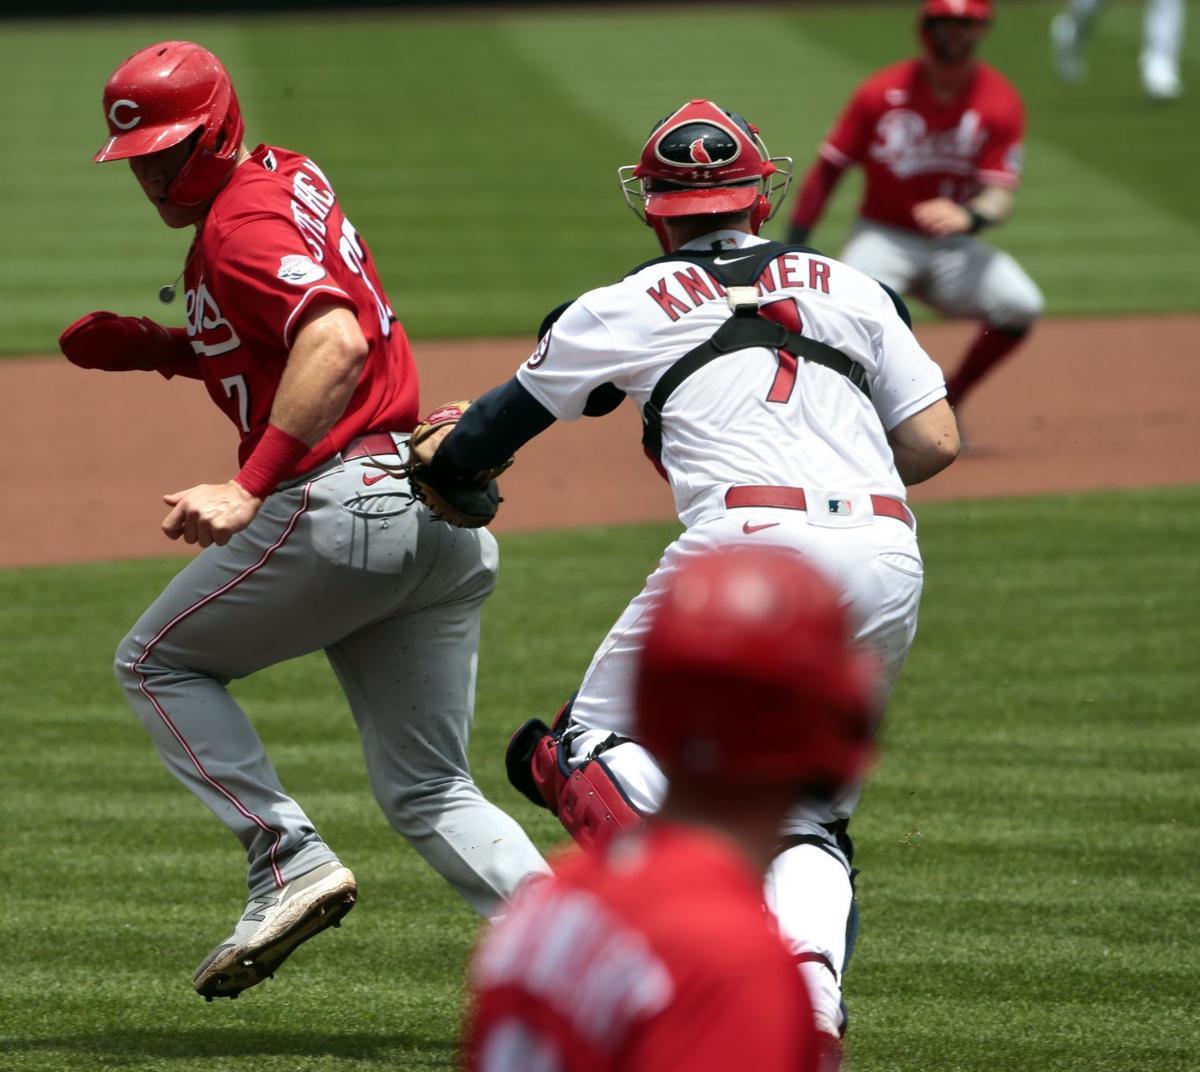 Reds sweep Cardinals 8-7